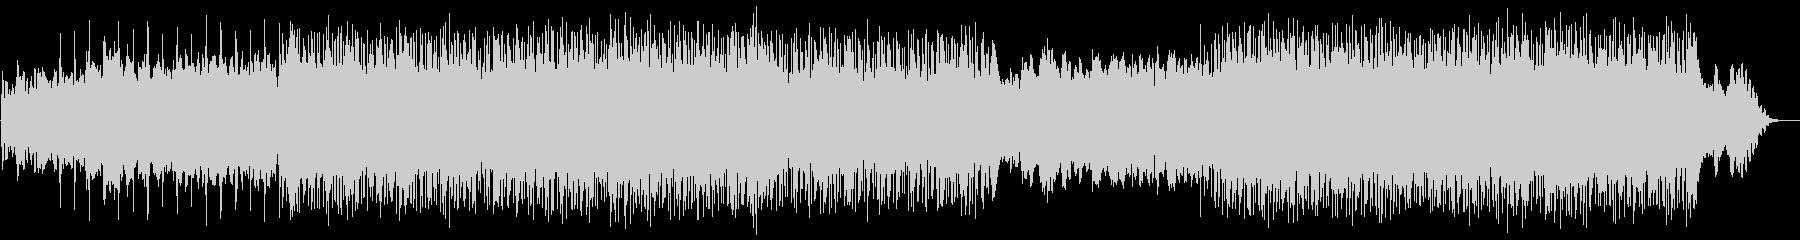 疾走感のあるドラムンベースの未再生の波形